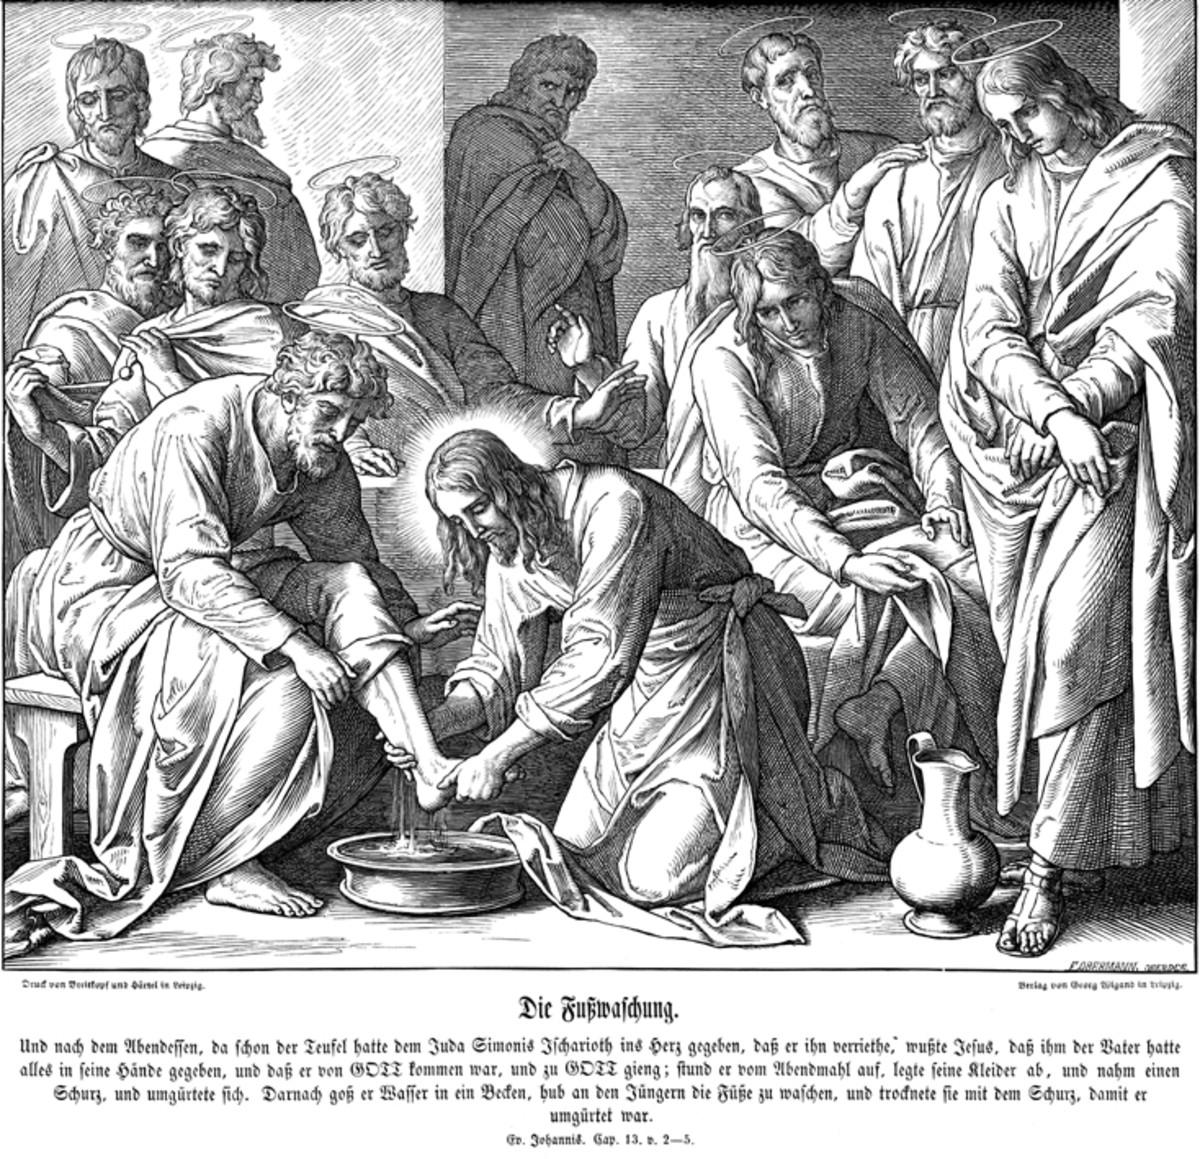 JESUS WASHING FEET OF DISCIPLES